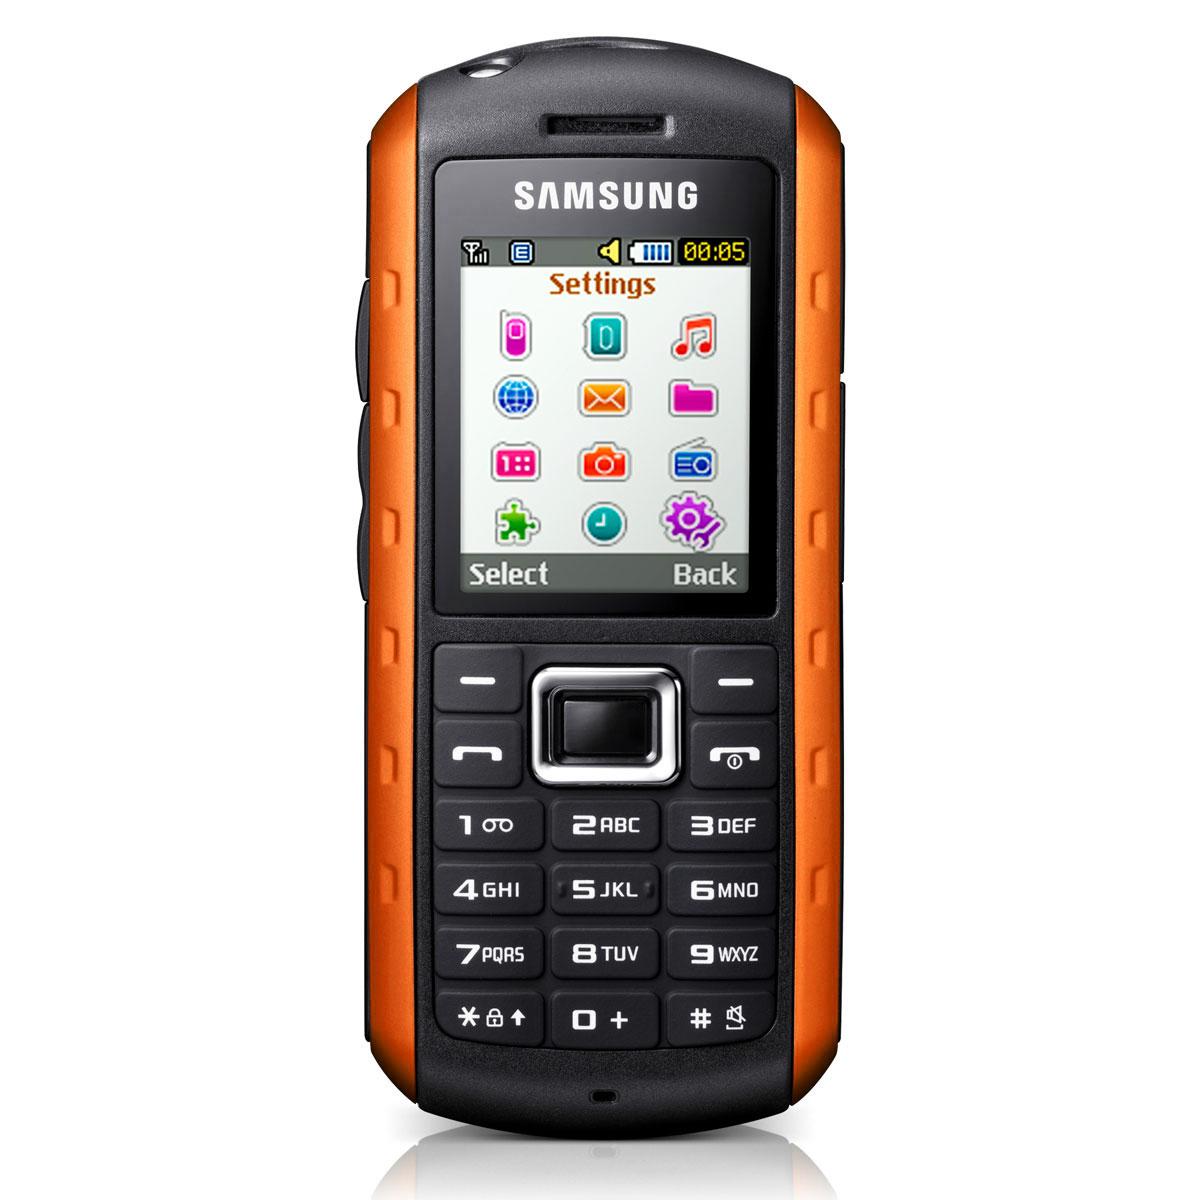 samsung solid gt b2100i noir orange mobile smartphone samsung sur ldlc. Black Bedroom Furniture Sets. Home Design Ideas